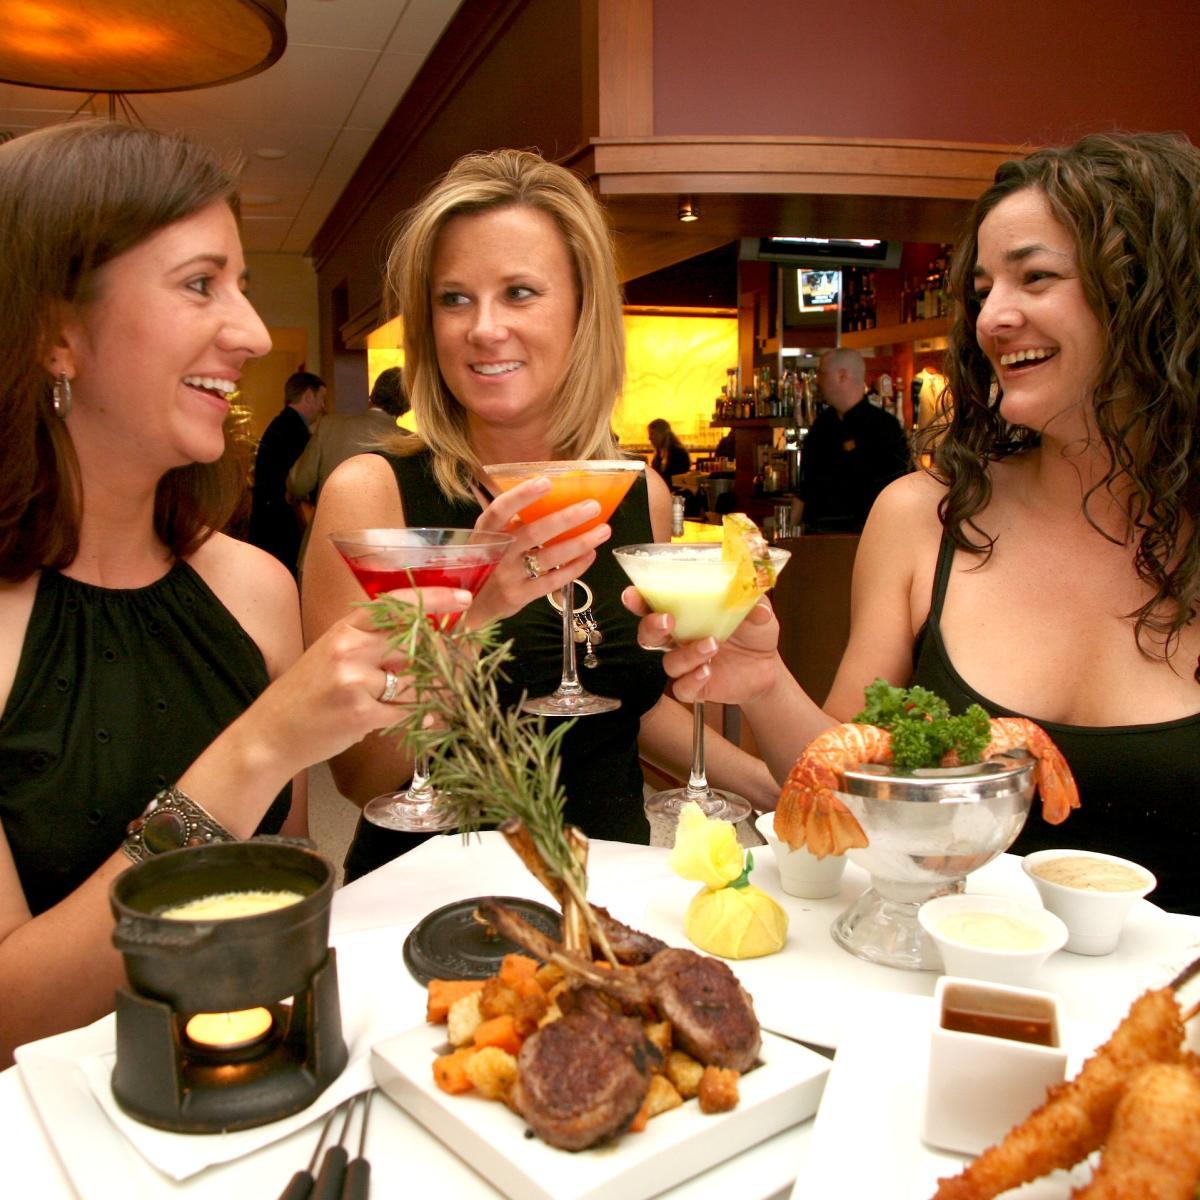 Copy of elways-women-drinks